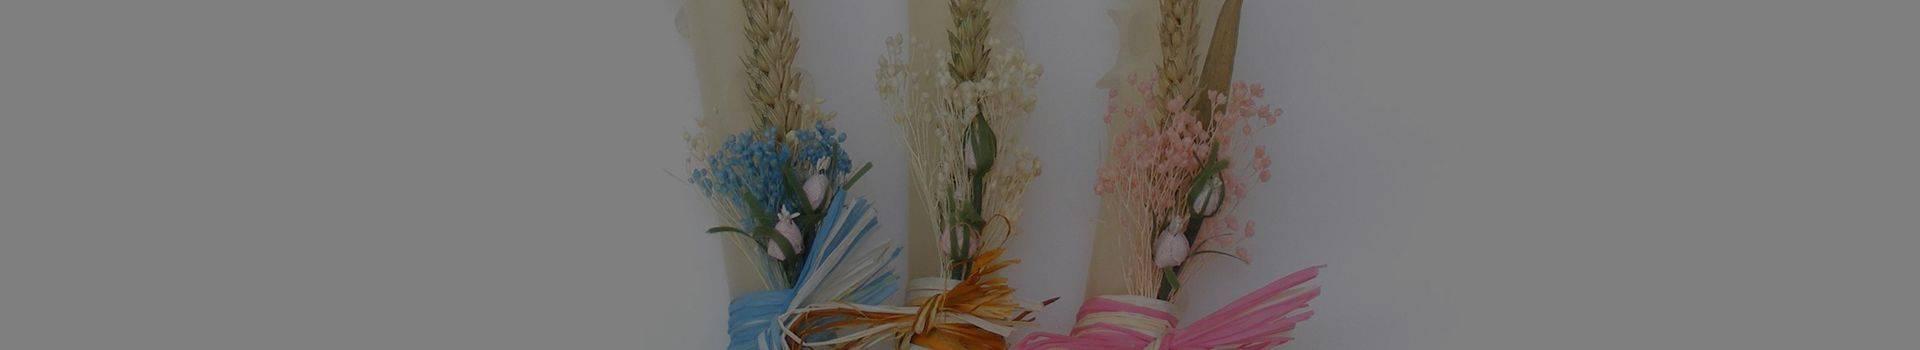 Cirios de ceremonia con flores y cintas - Cereria Pinsart